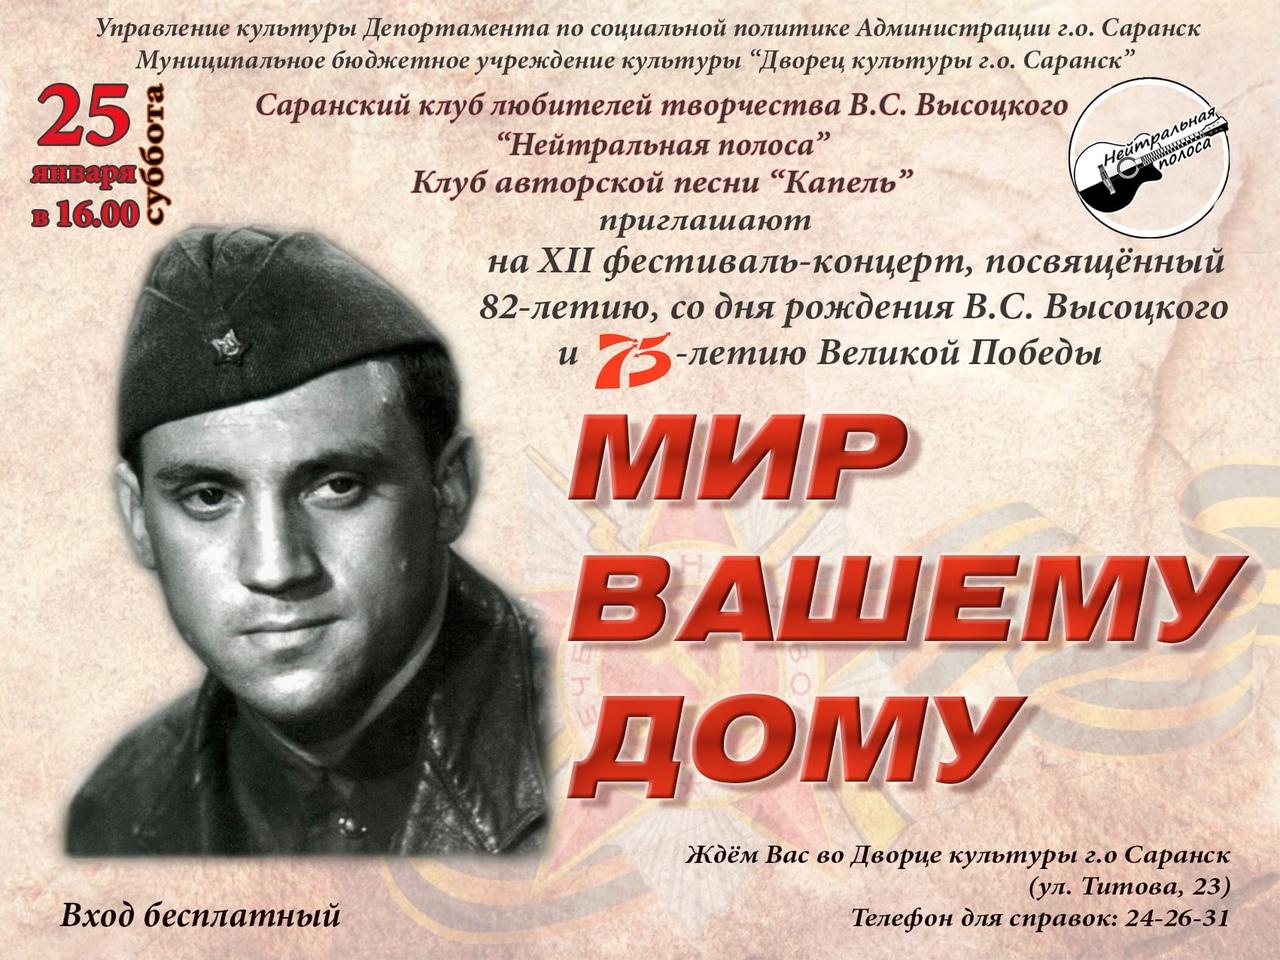 b Афиша  b   Саранск    Городские рейтинги    высоцкий 25 янв